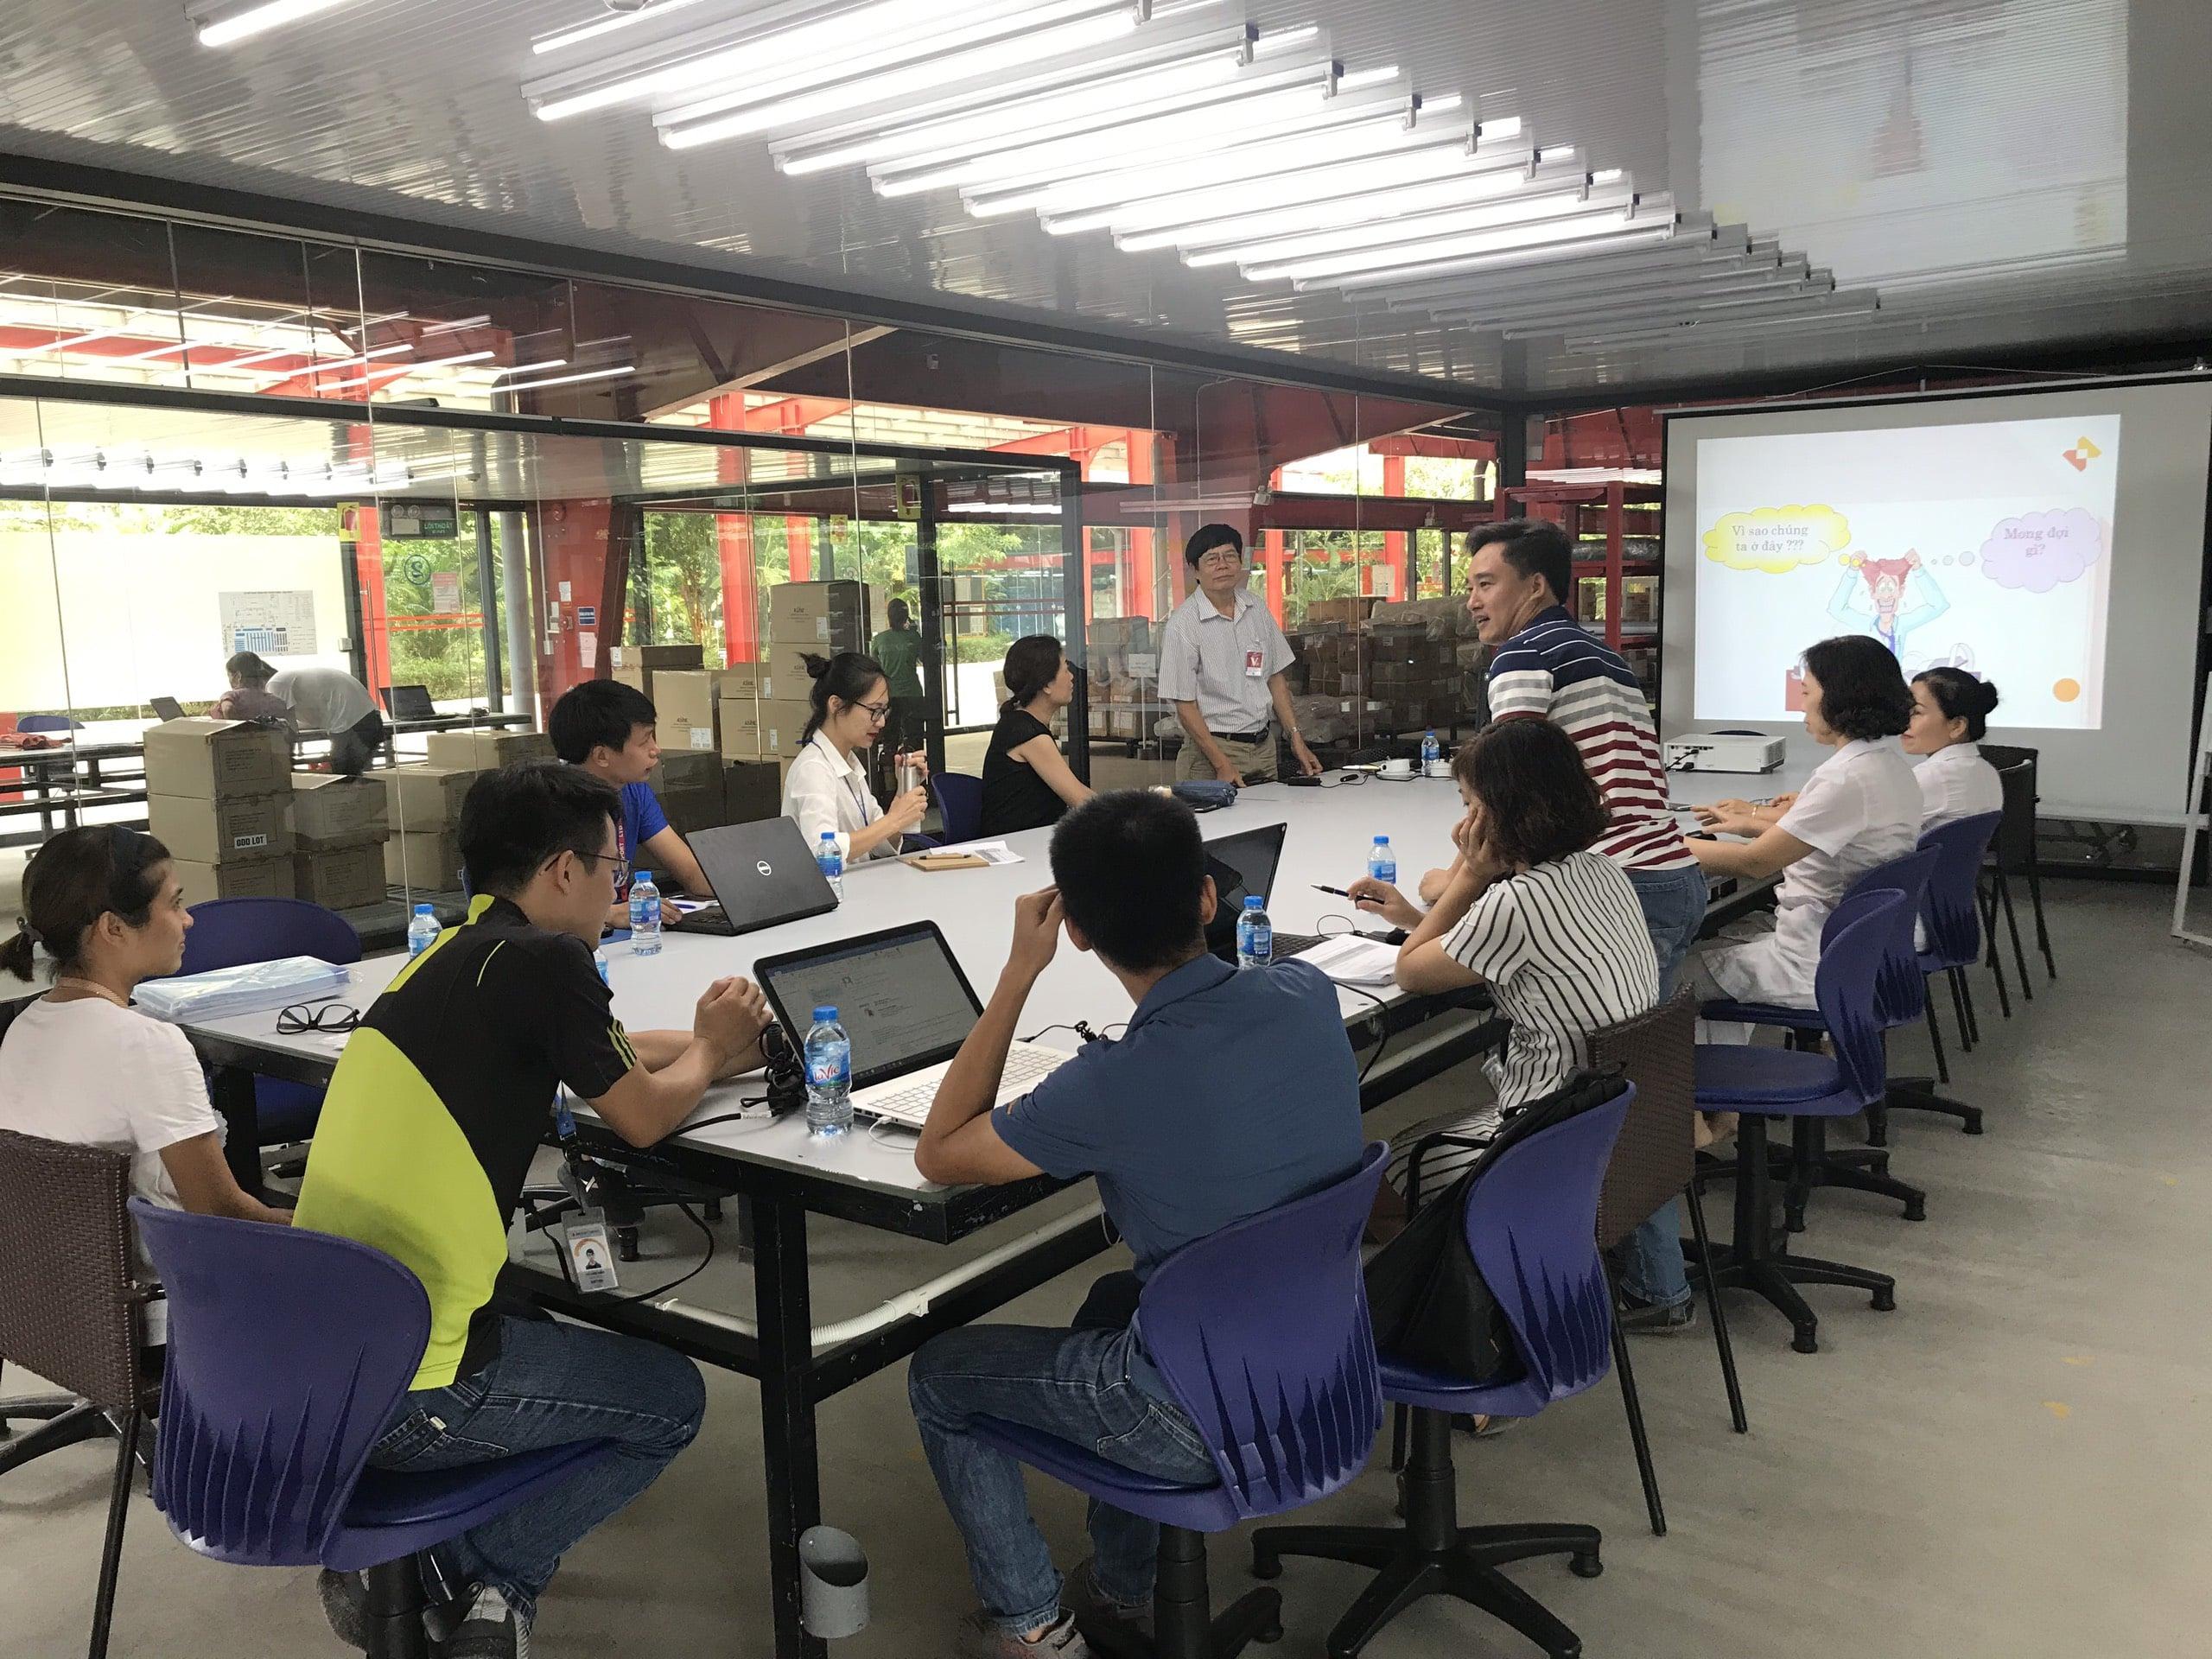 Huấn luyện chuyên môn nghiệp vụ cho người huấn luyện an toàn, vệ sinh lao động tại Thái Bình